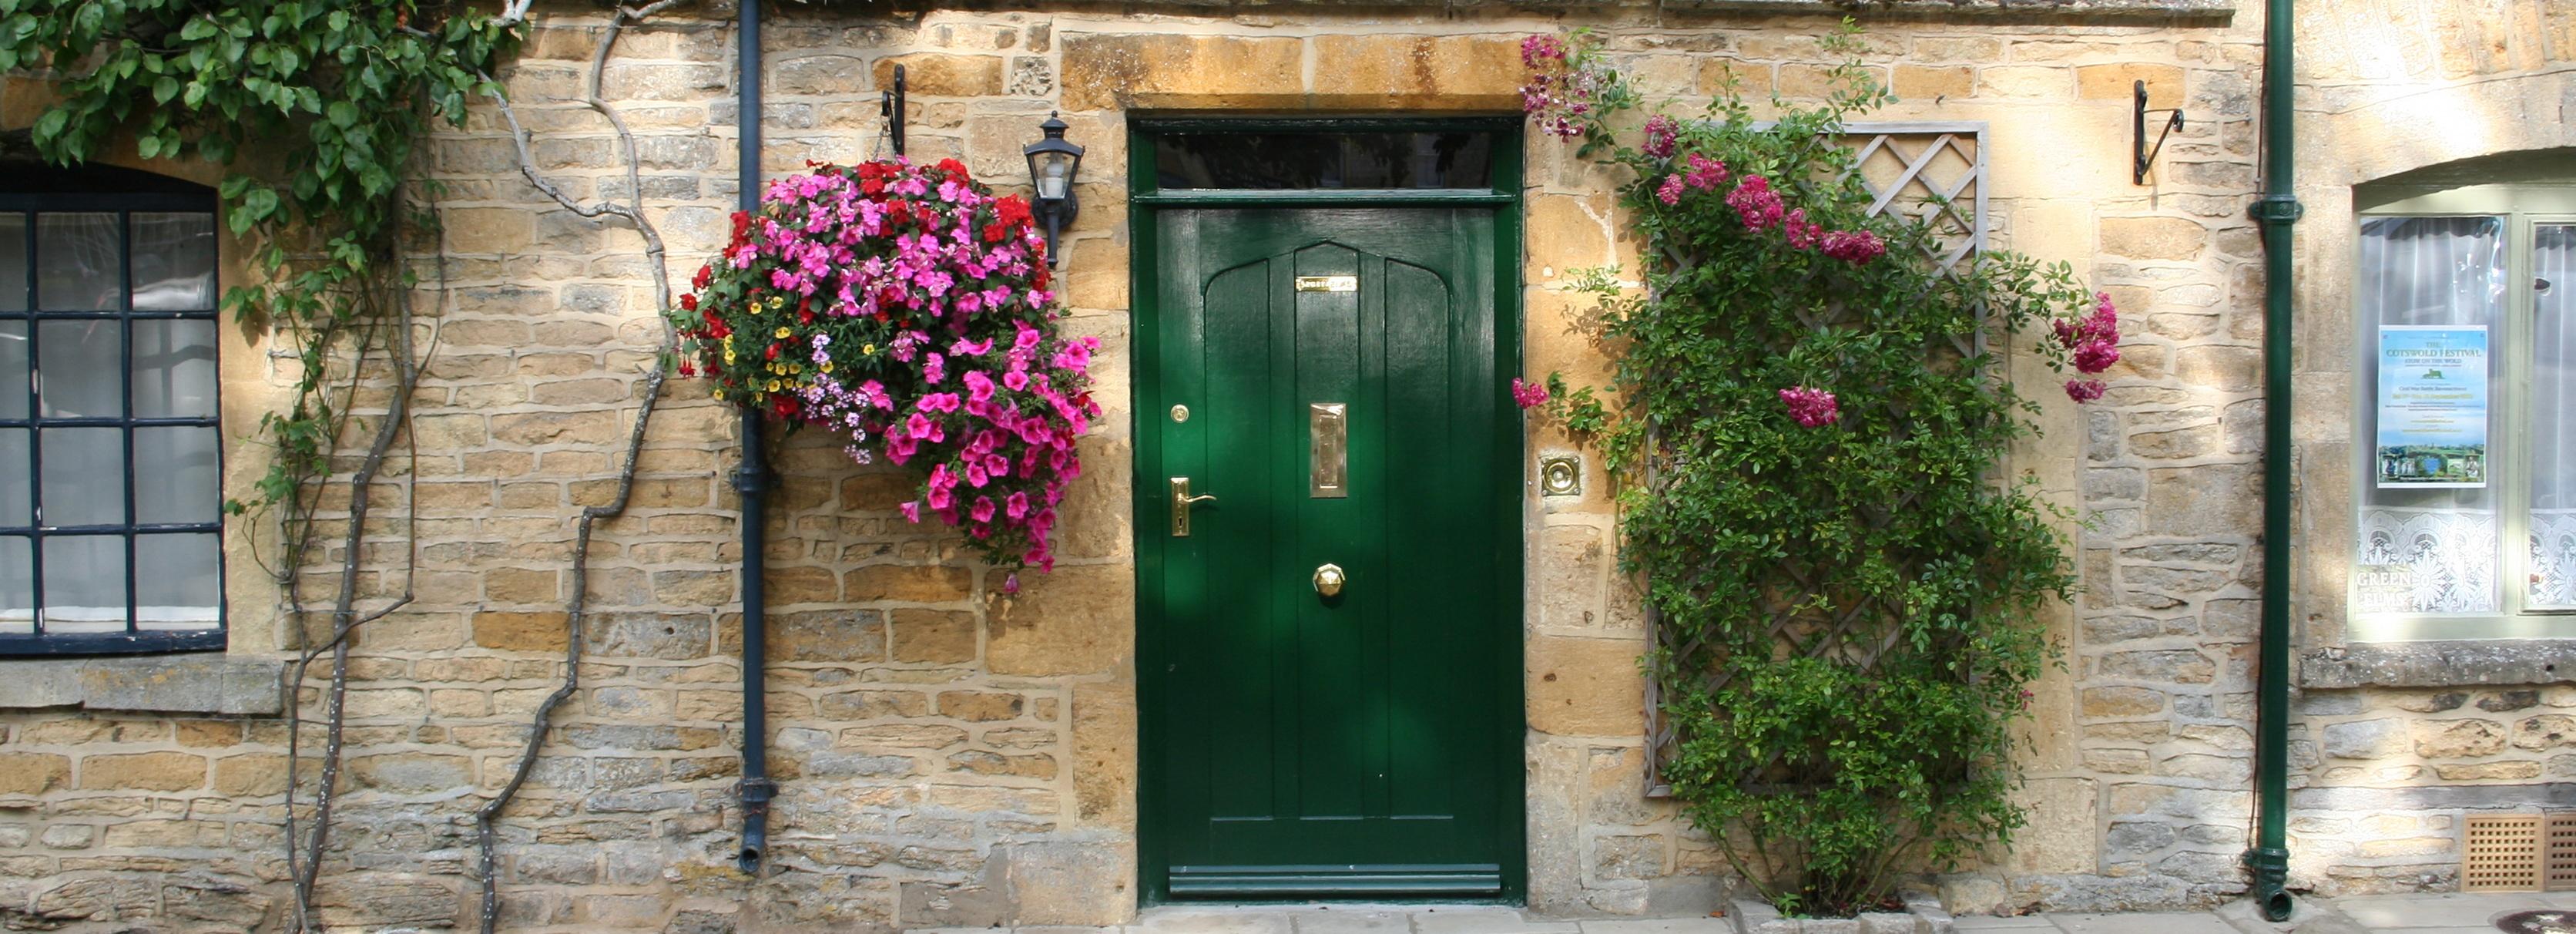 175_green door.jpg